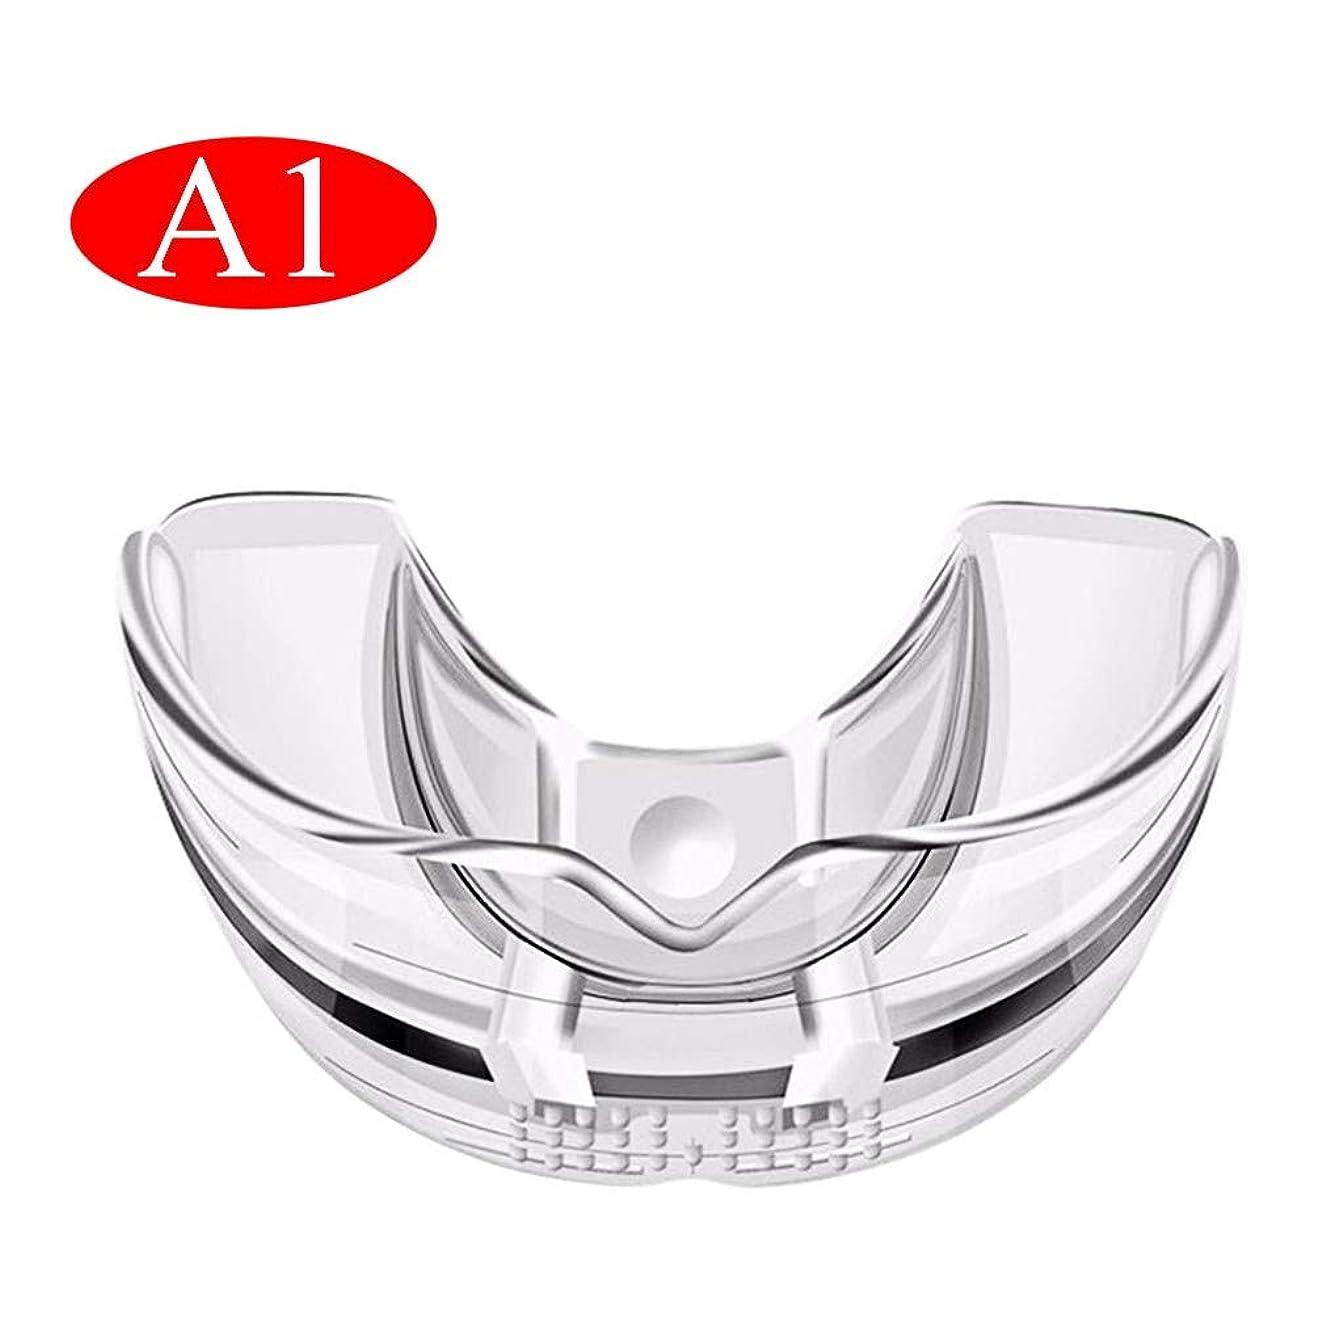 センチメートル対象ルーフホームホワイトニング, 目に見えない矯正トレーナー歯科用歯は、アタッチメントのアライメントのためのツールの使用を回避します(3つのステージはオプションです)